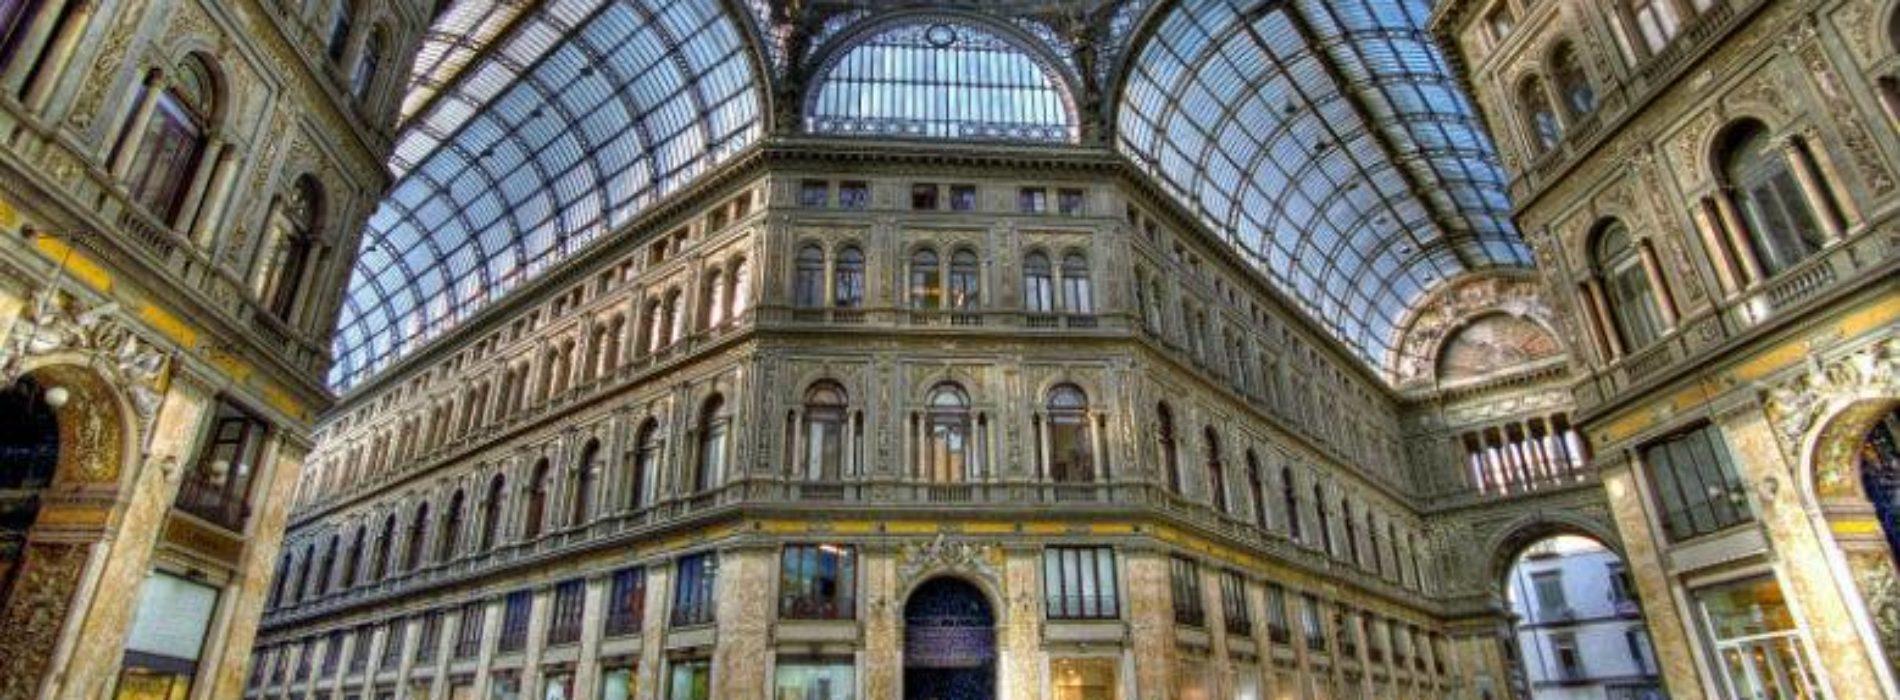 Galleria Umberto I: opera del risanamento napoletano